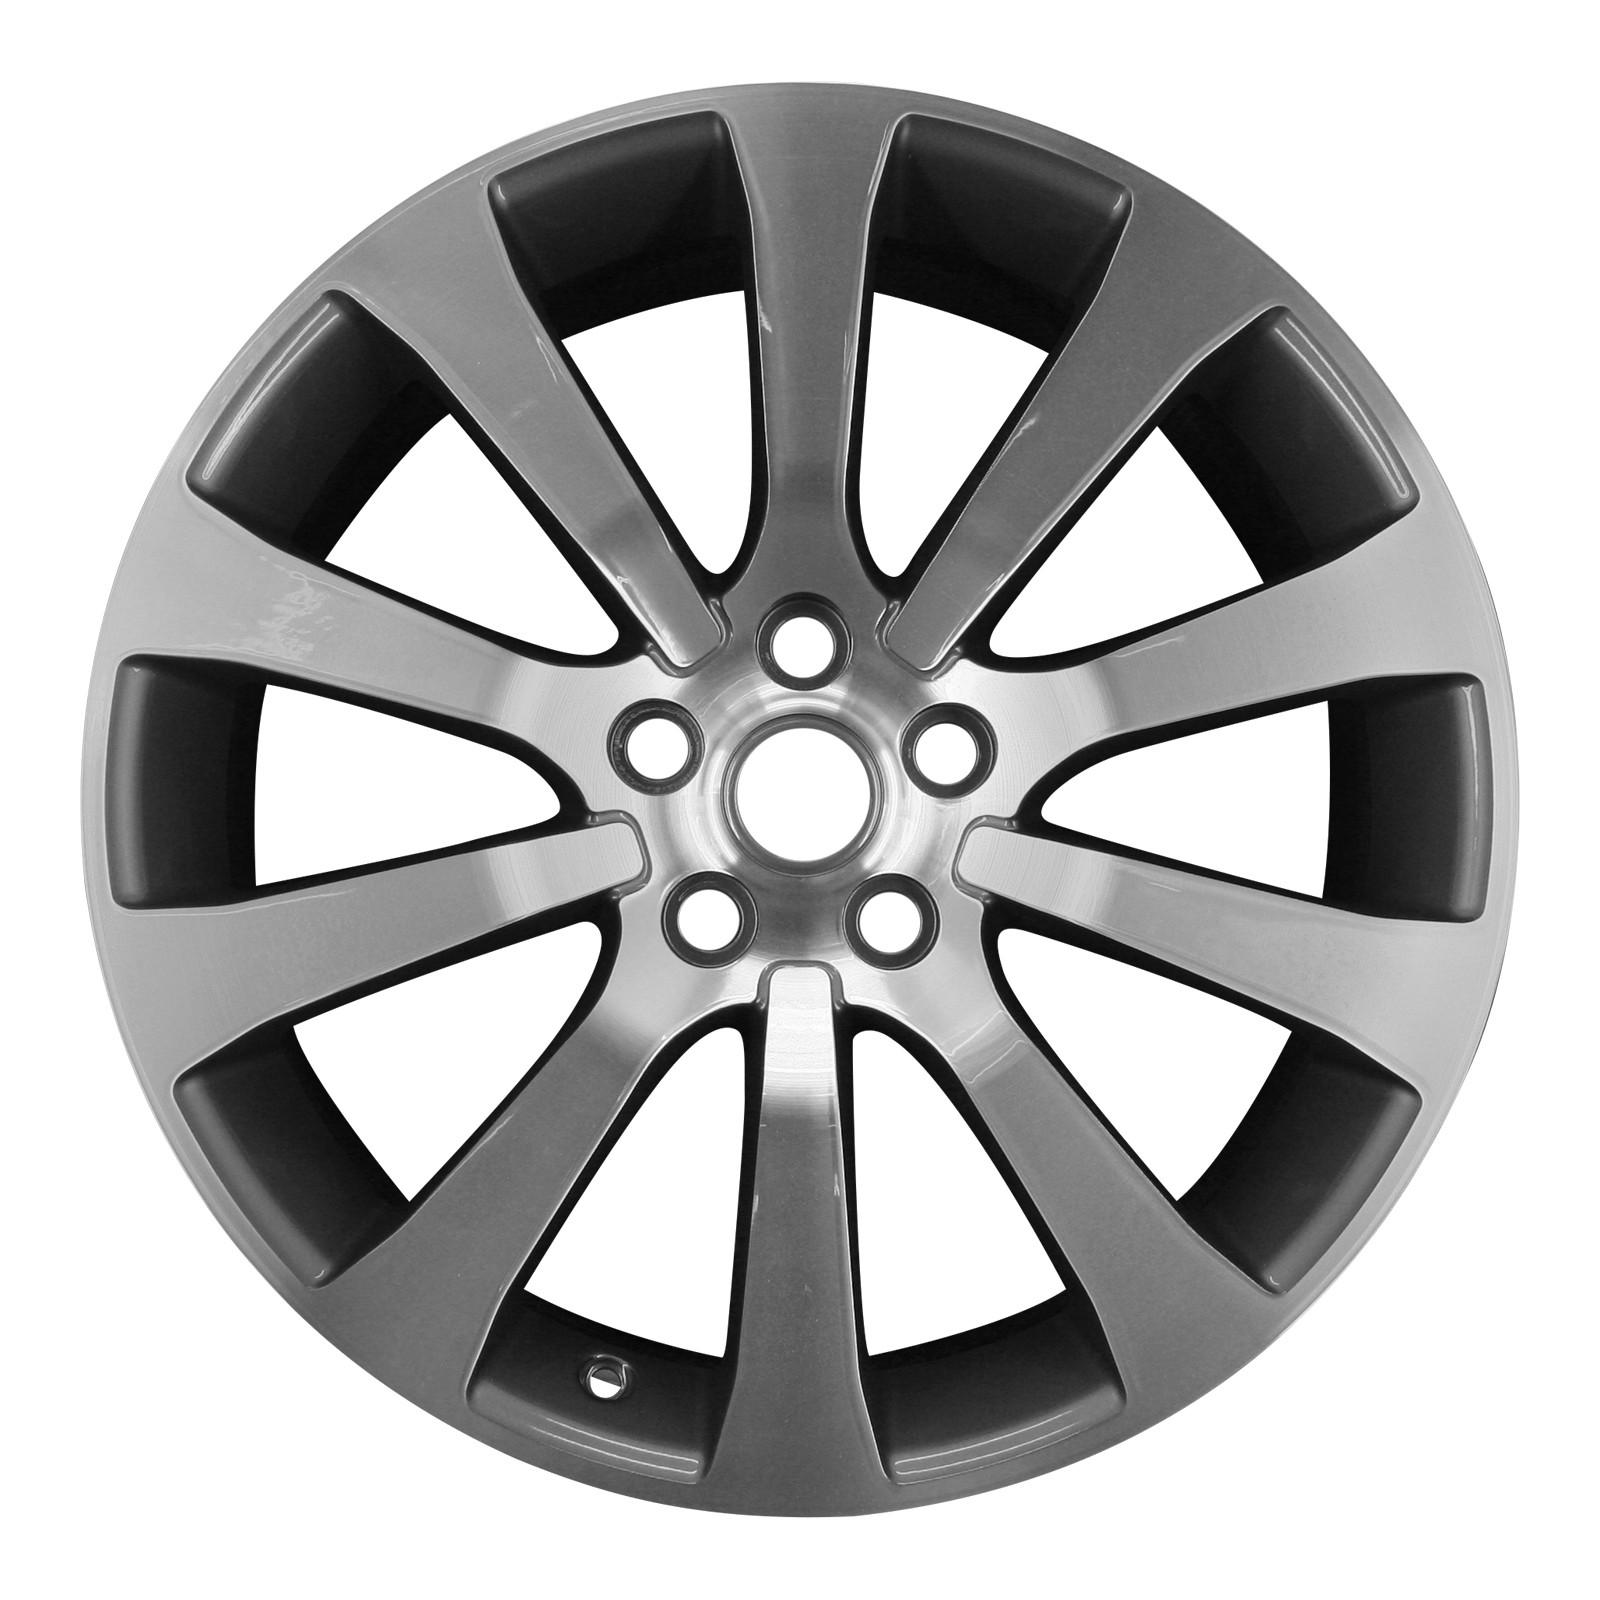 Колесный диск R20 Style 8 Diamond Turned Anthracite для Range Rover Sport 2010-2014